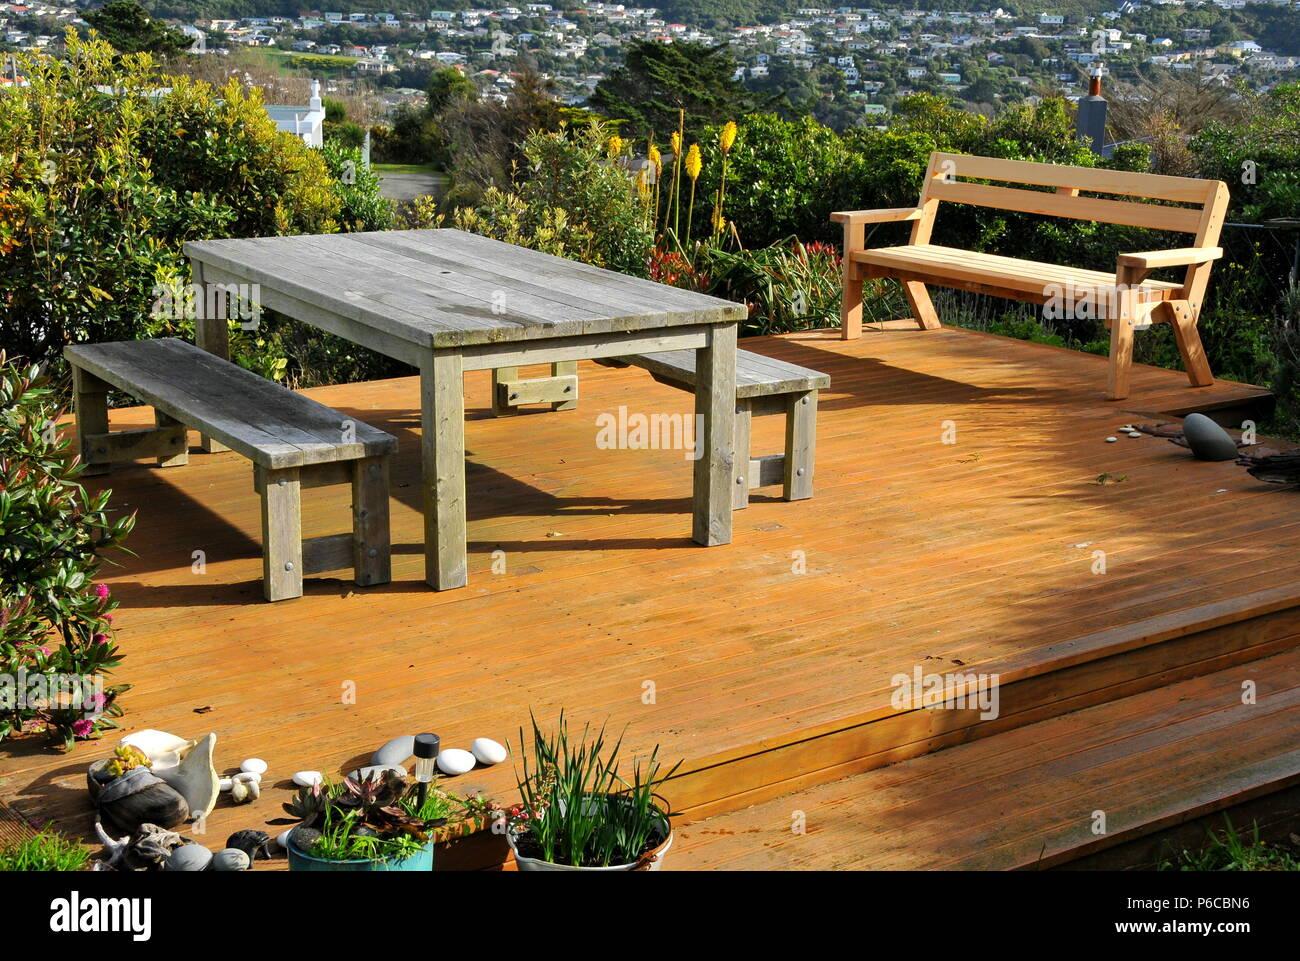 Panche E Tavoli Da Esterno.Macrocarpa Monterey Cypress Mobili Da Esterno Sul Ponte Di Legno